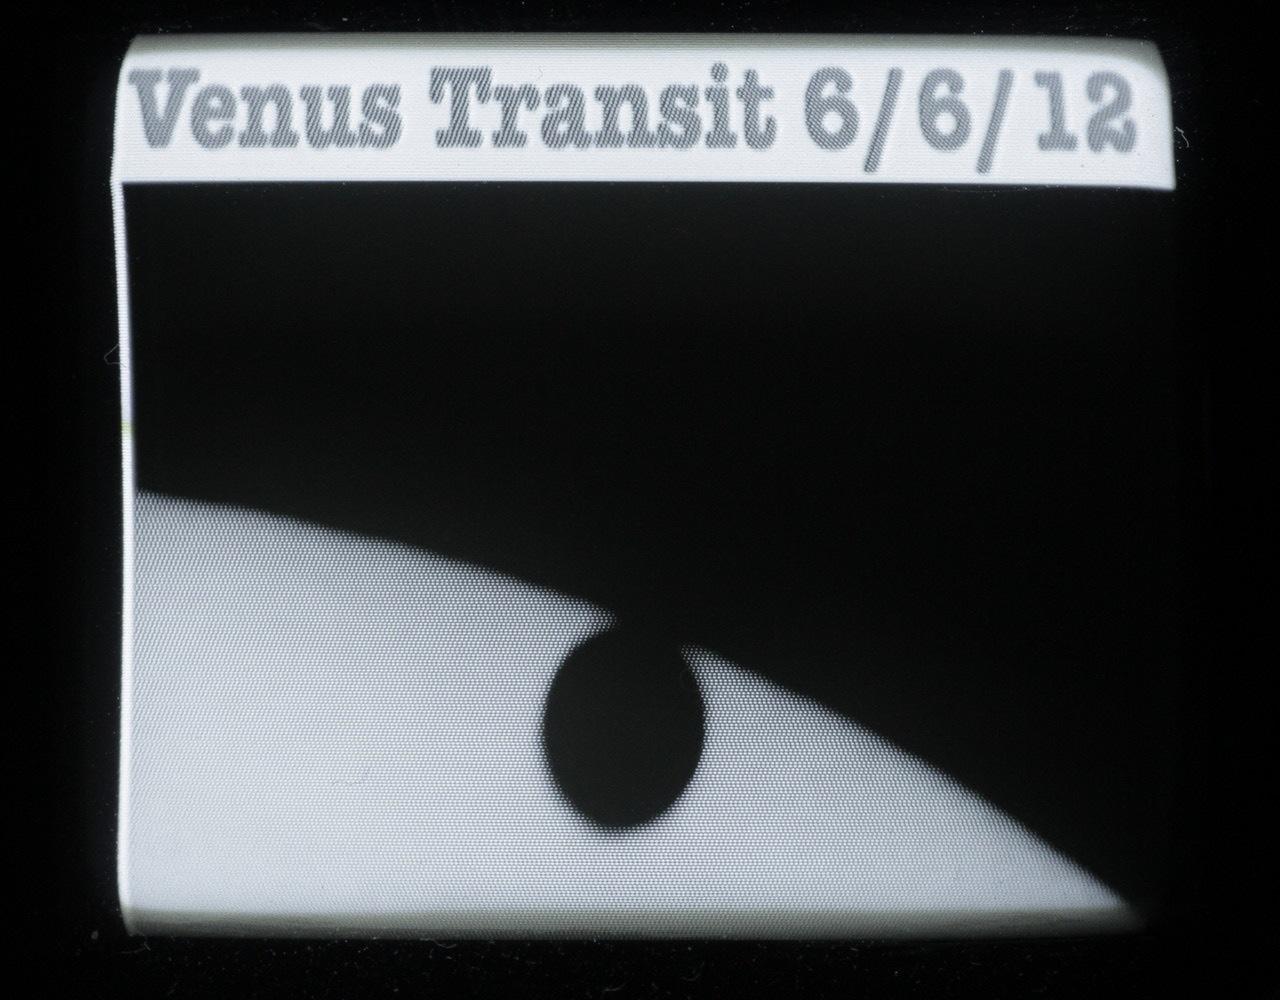 Venus Transit - InstaCRT